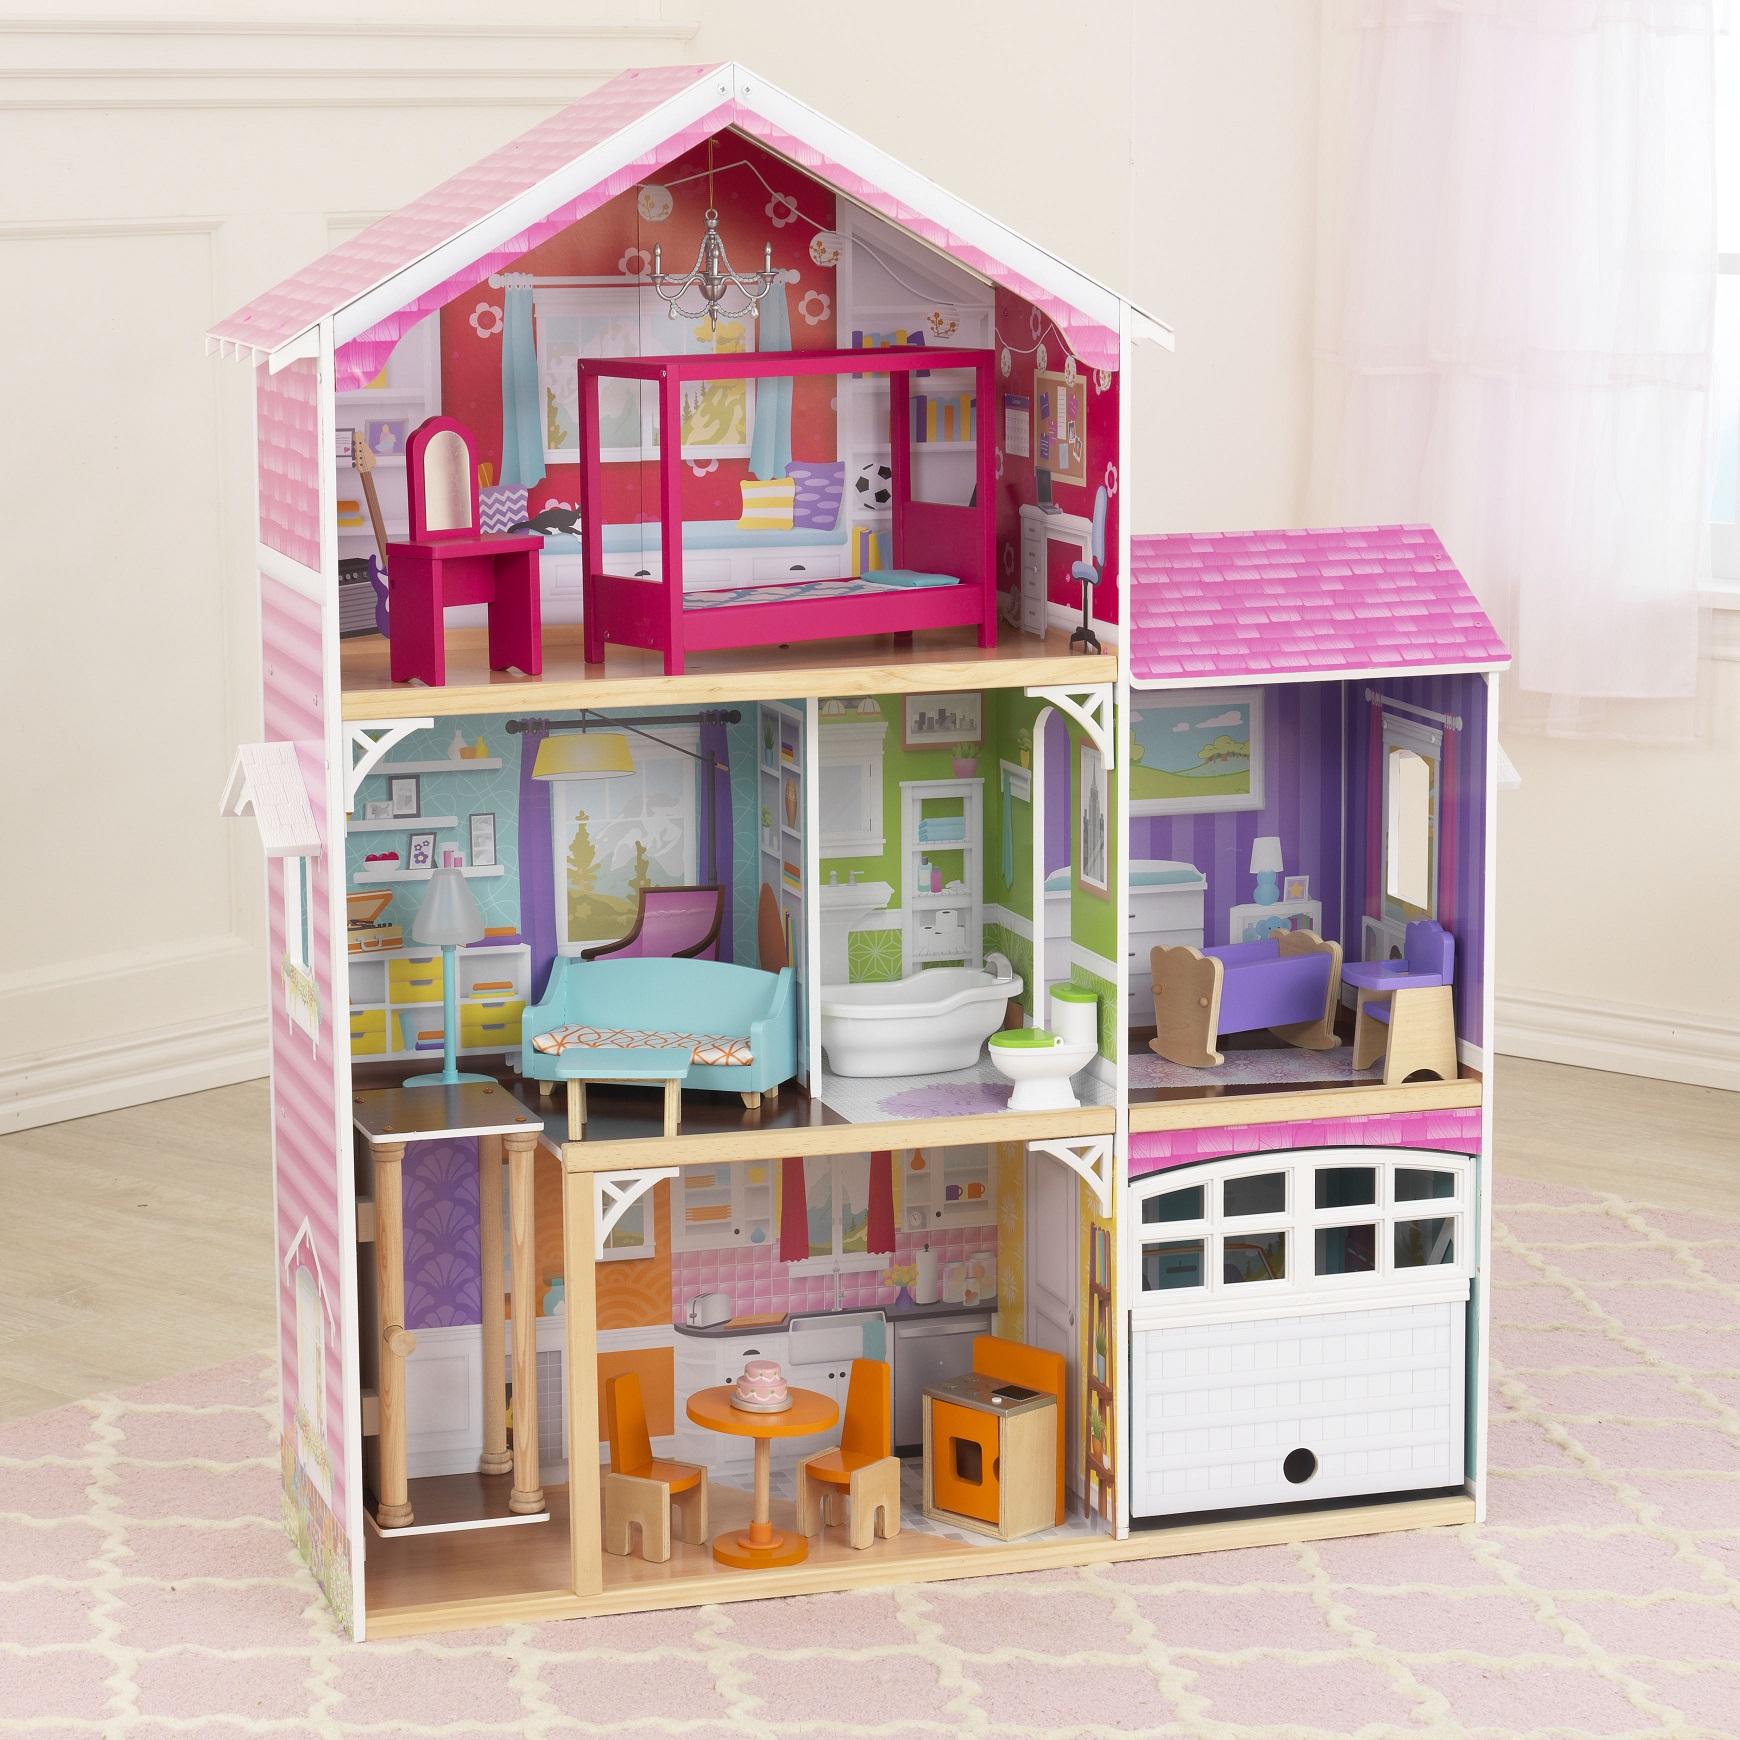 Imagen donde se aprecian con detalle todas las habitaciones de kidkraft casa de muñecas avery 65943